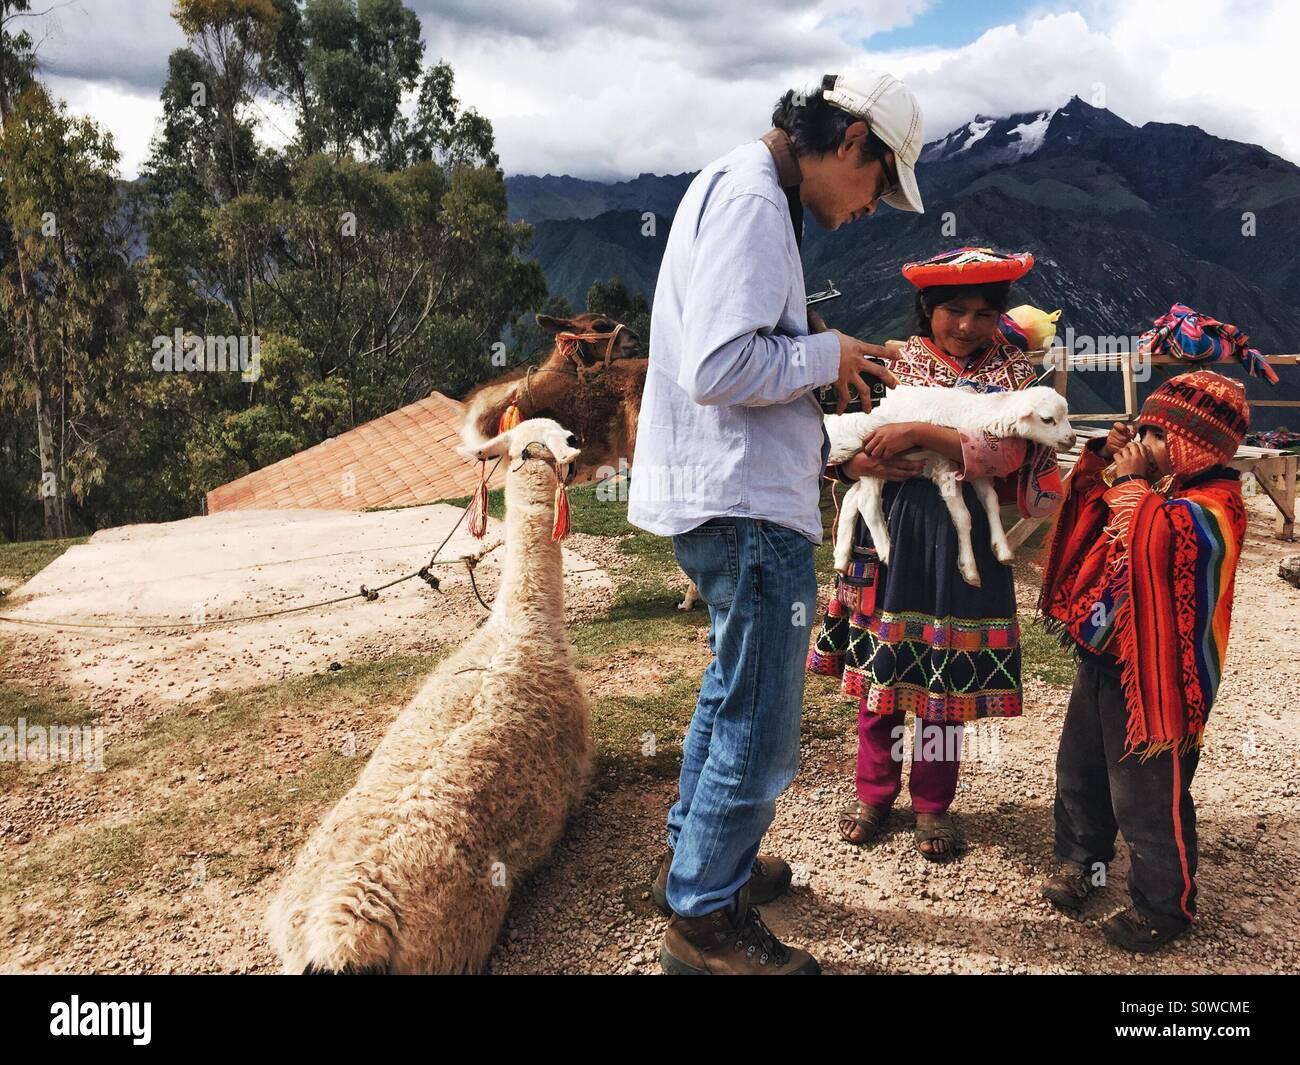 Mann Fotografieren Kinder in traditioneller Kleidung in Peru Stockbild